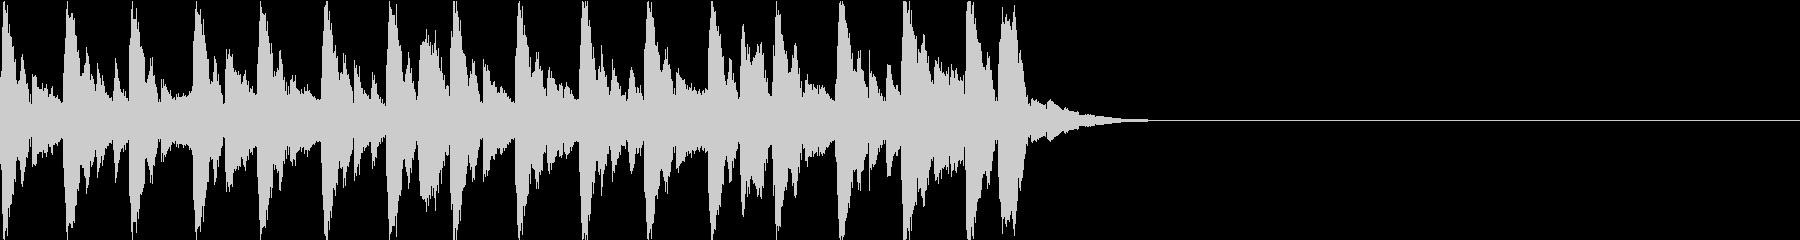 テクノポップのスタイリッシュなジングルの未再生の波形